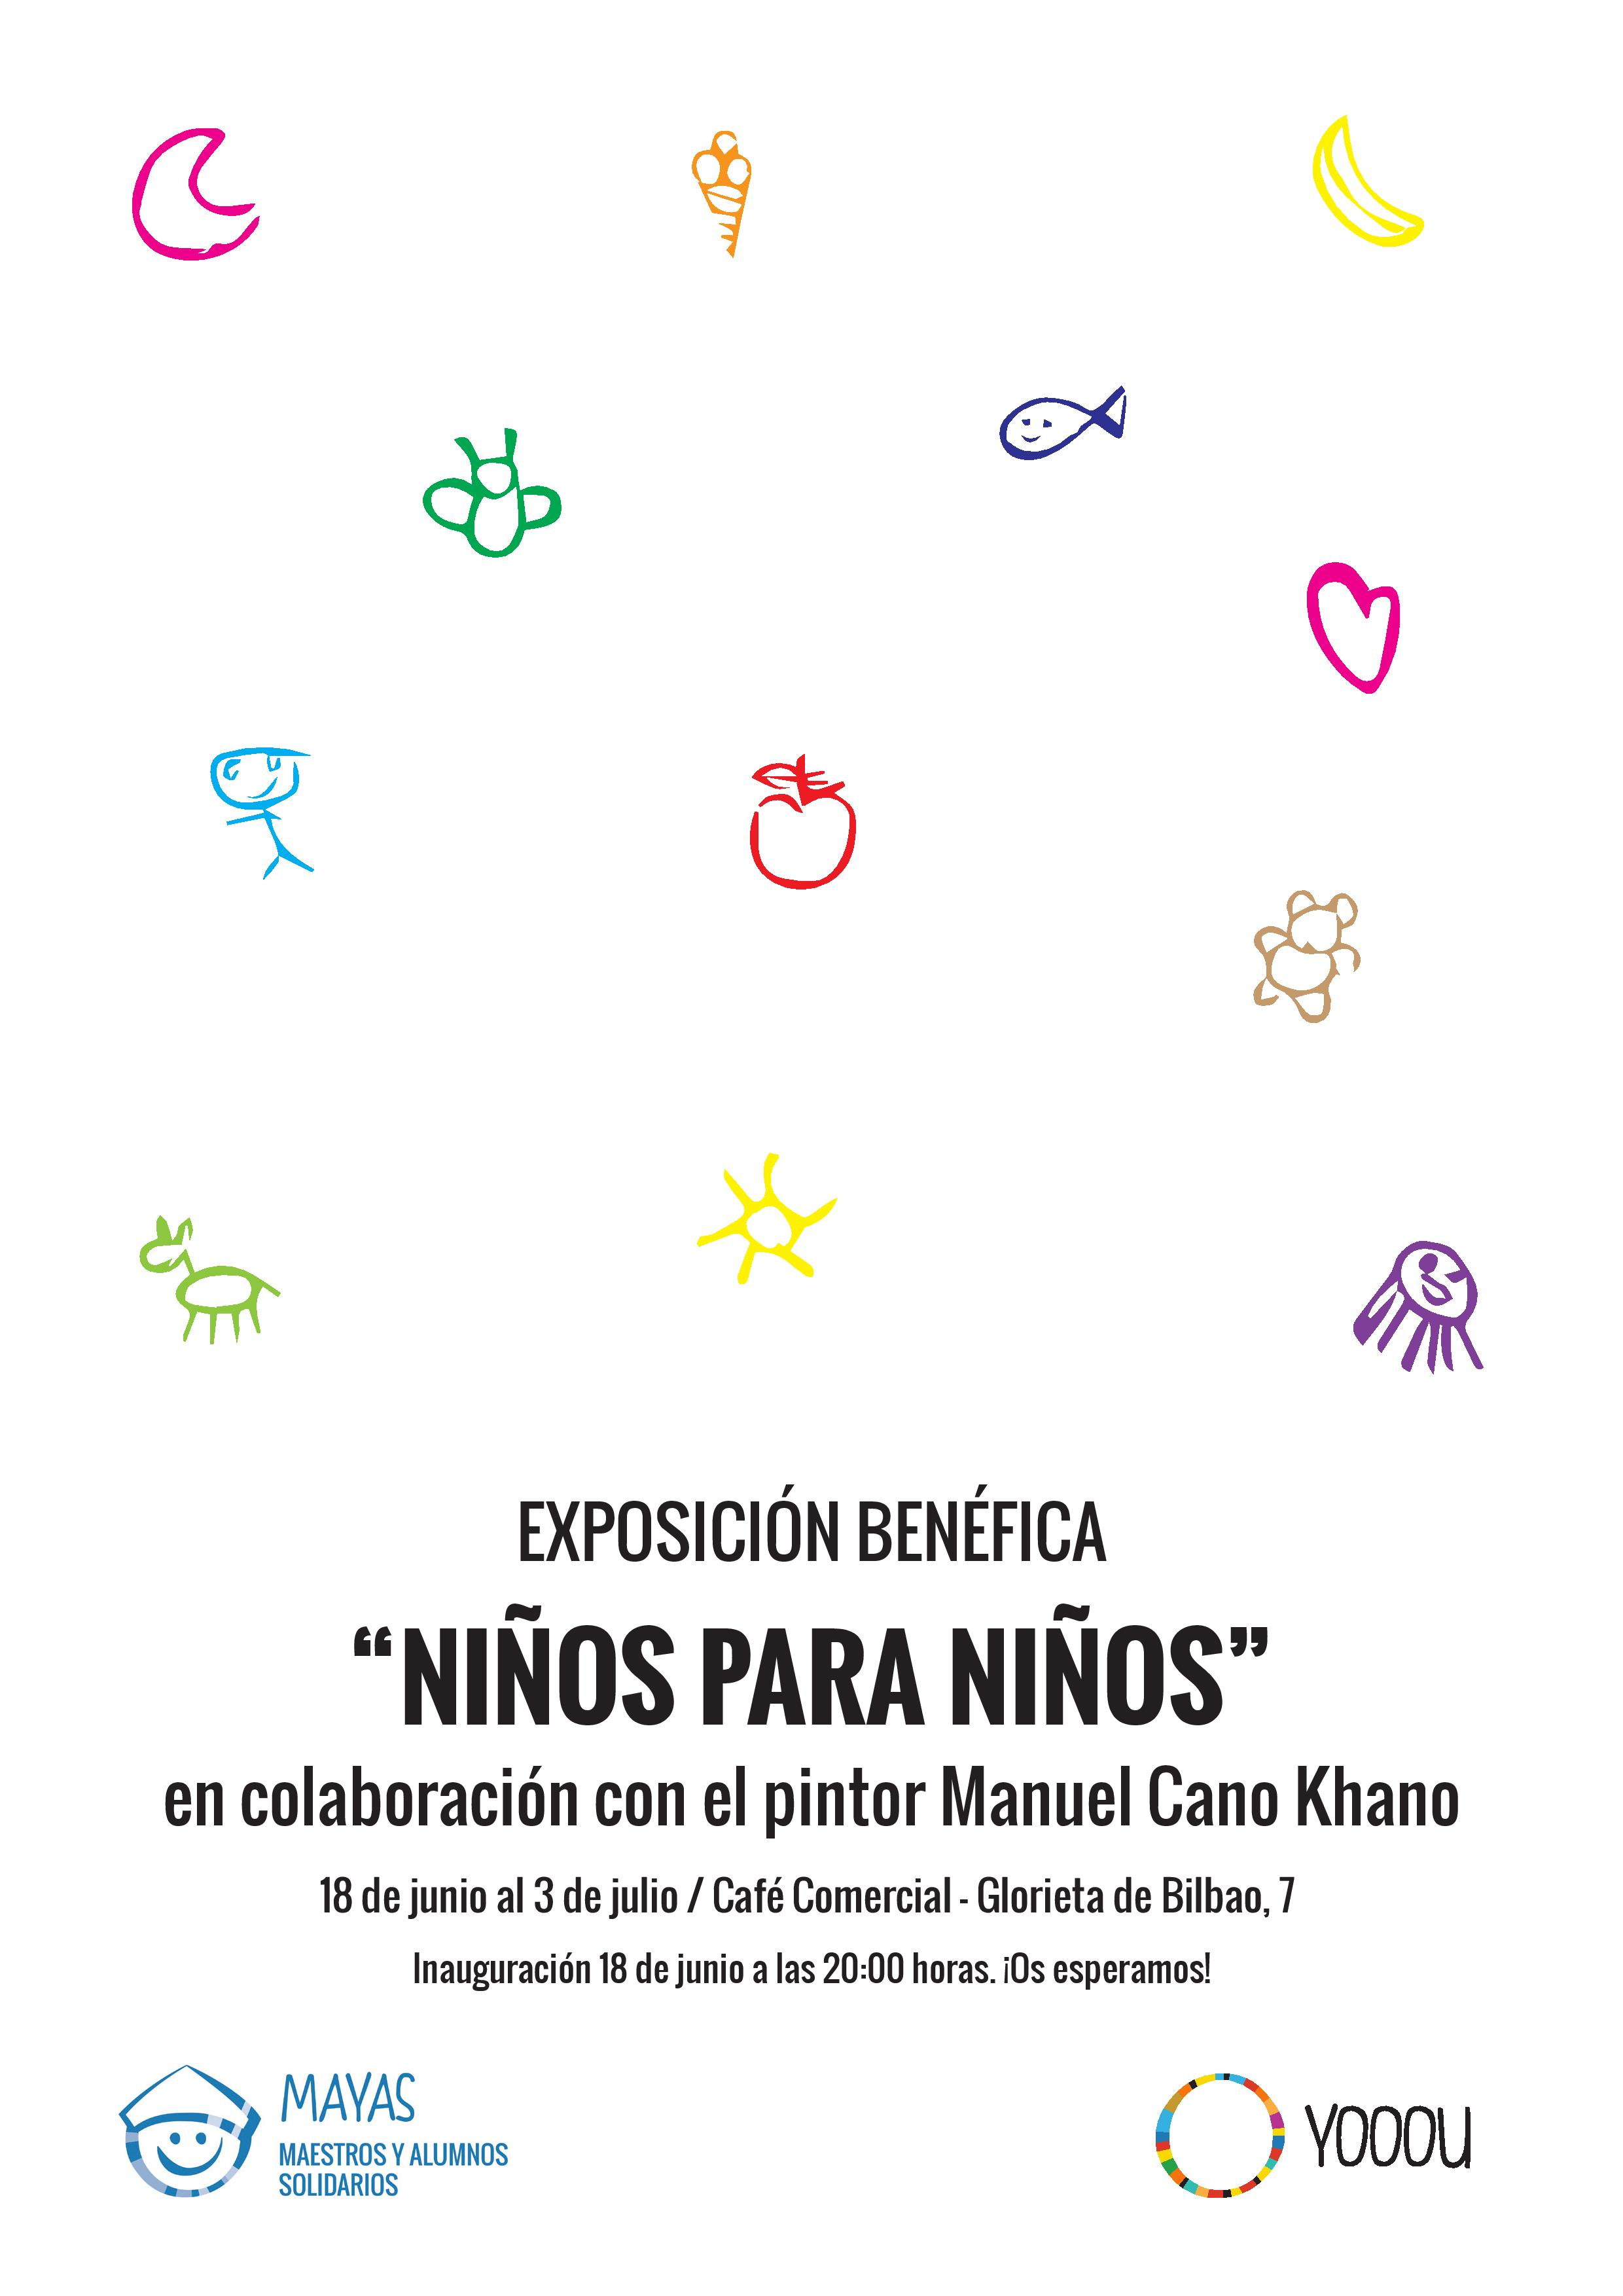 'Niños para niños' una exposición fruto del arte de los niños de 2 colegios madrileños